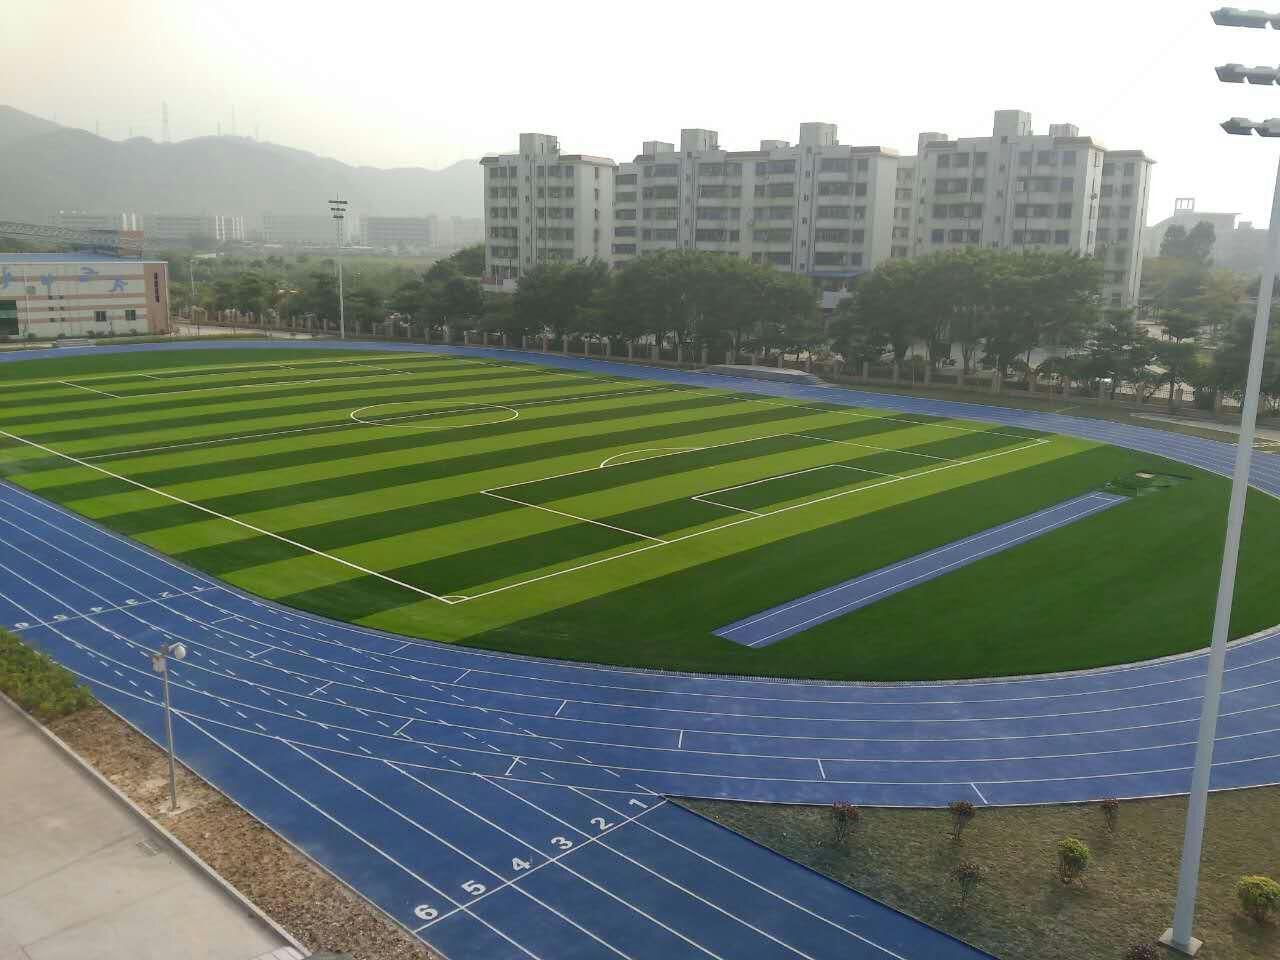 珠海市金洲小学运动场!珠海第一条蓝色塑胶跑道及11人制人造草坪足球场